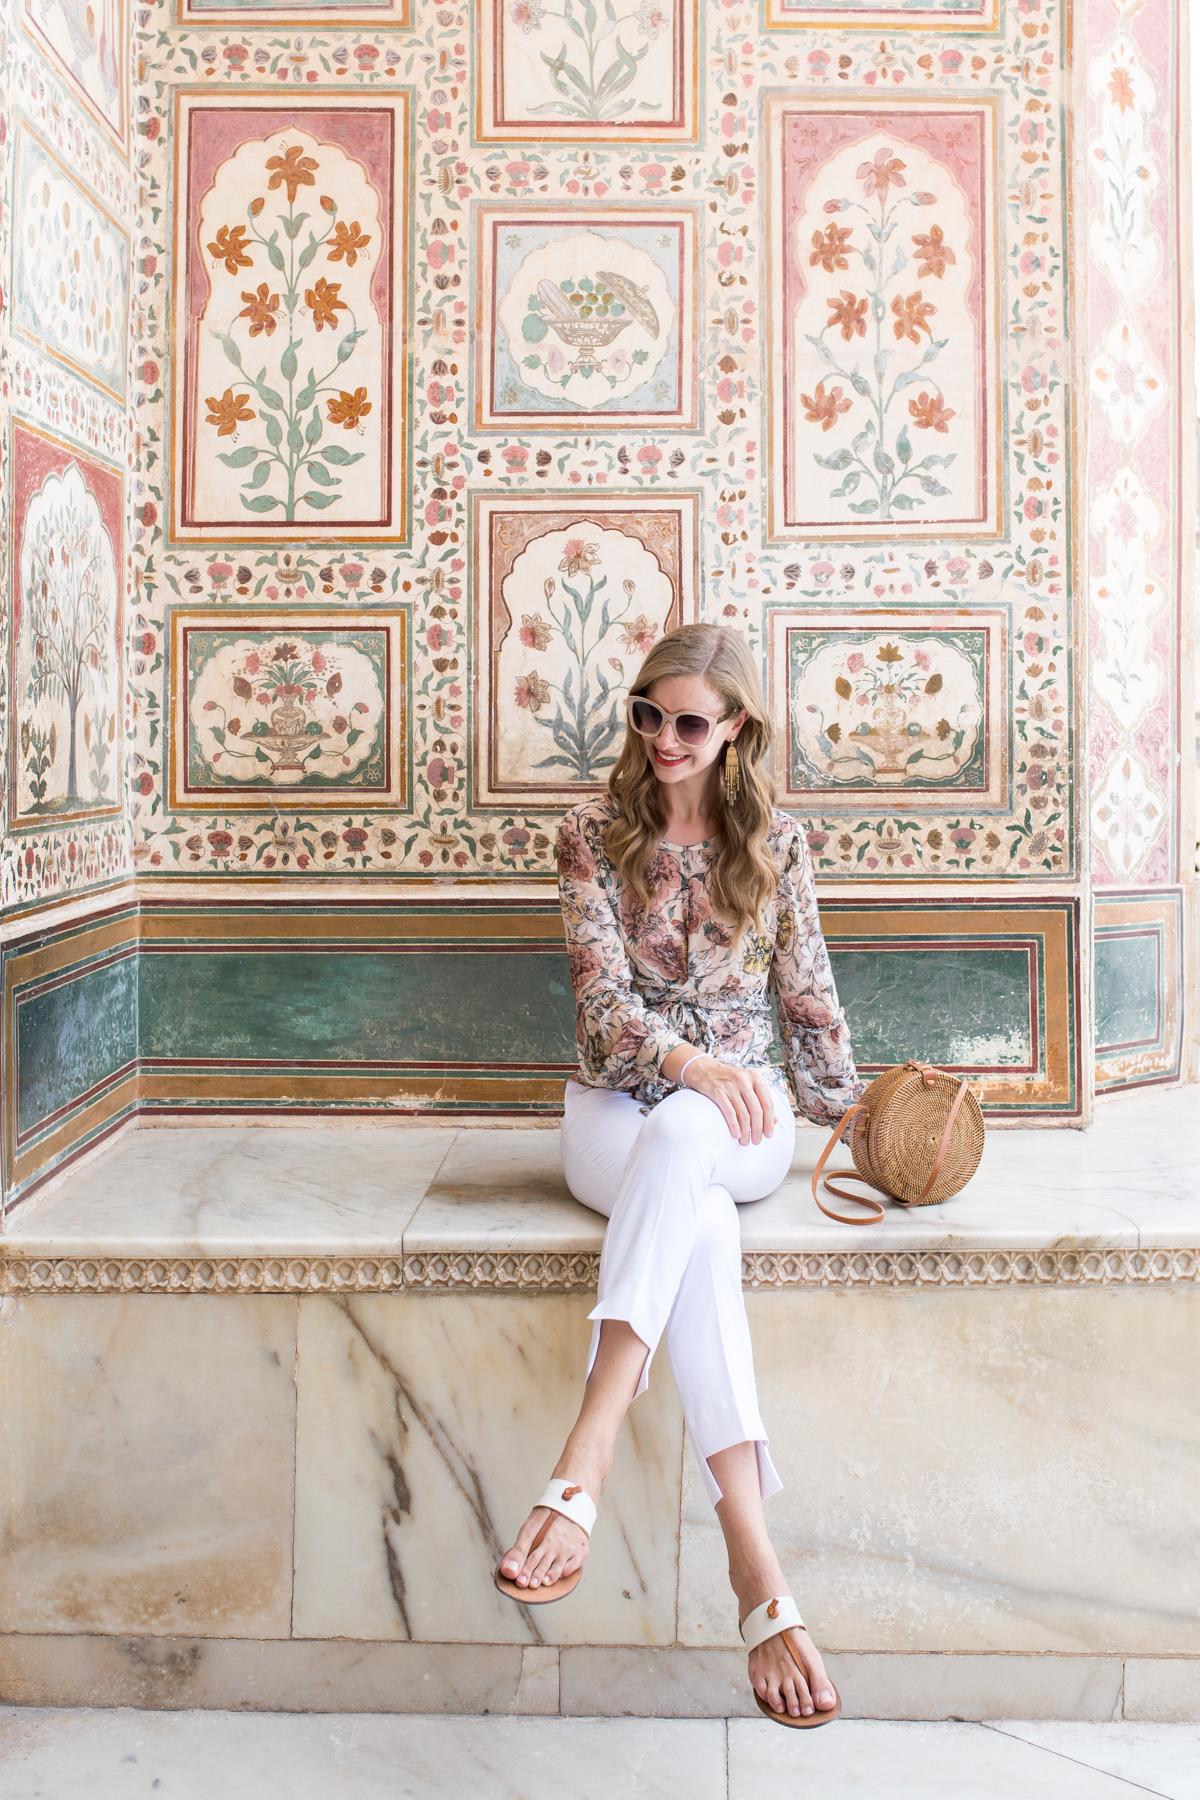 Stacie Flinner City Palace Jaipur 10 Best -86.jpg